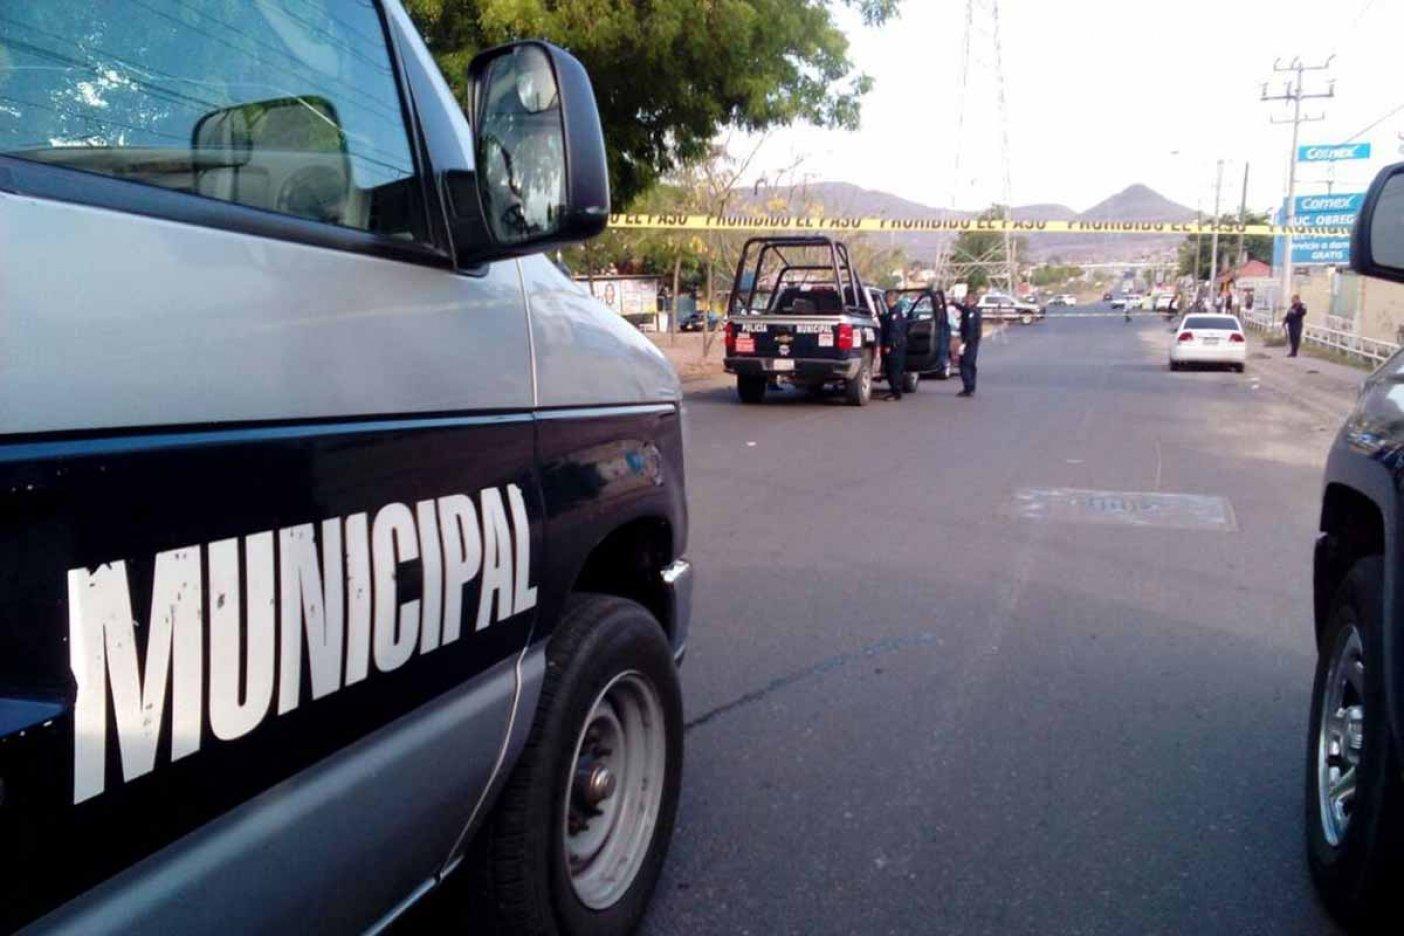 Hieren a presunto delincuente en enfrentamiento en Culiacán